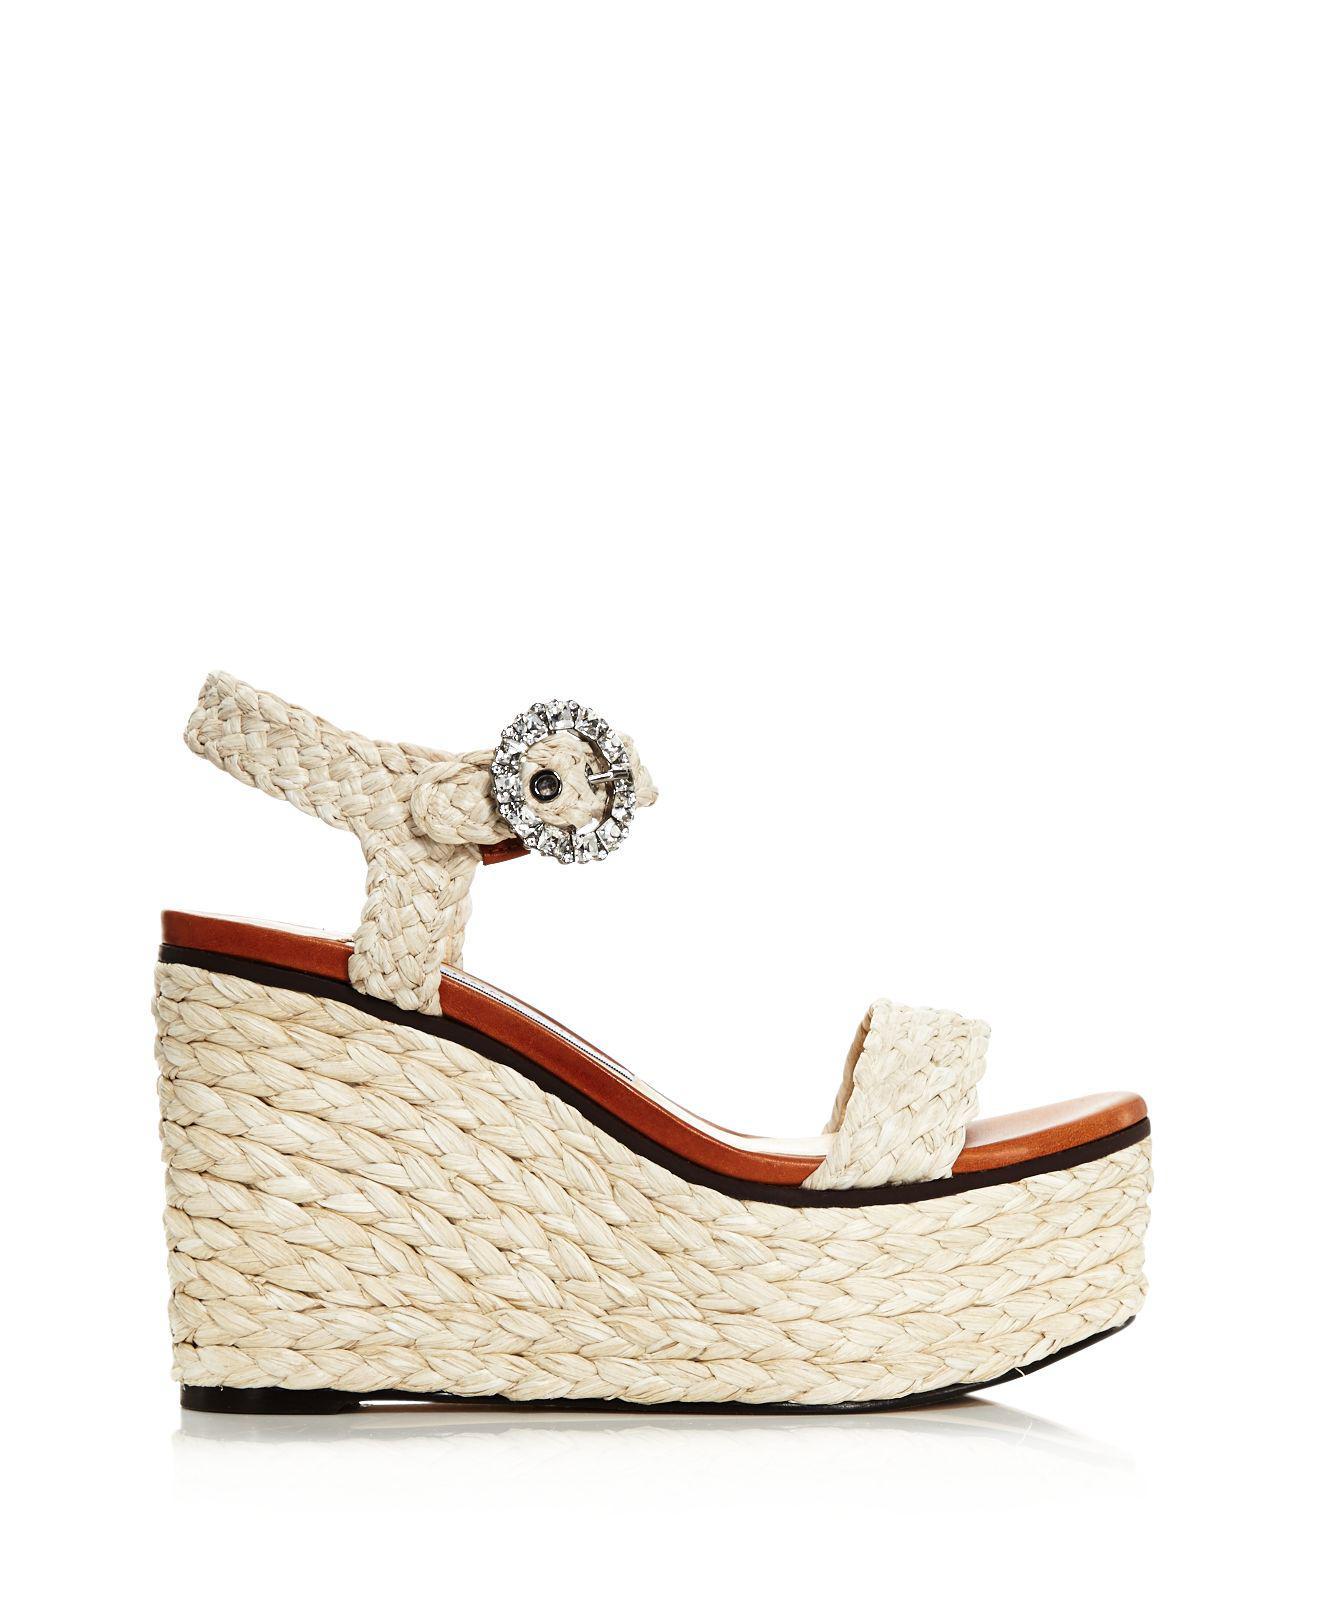 Jimmy choo Women's Nylah 100 Braided Raffia Wedge Sandals qimxQ2RE